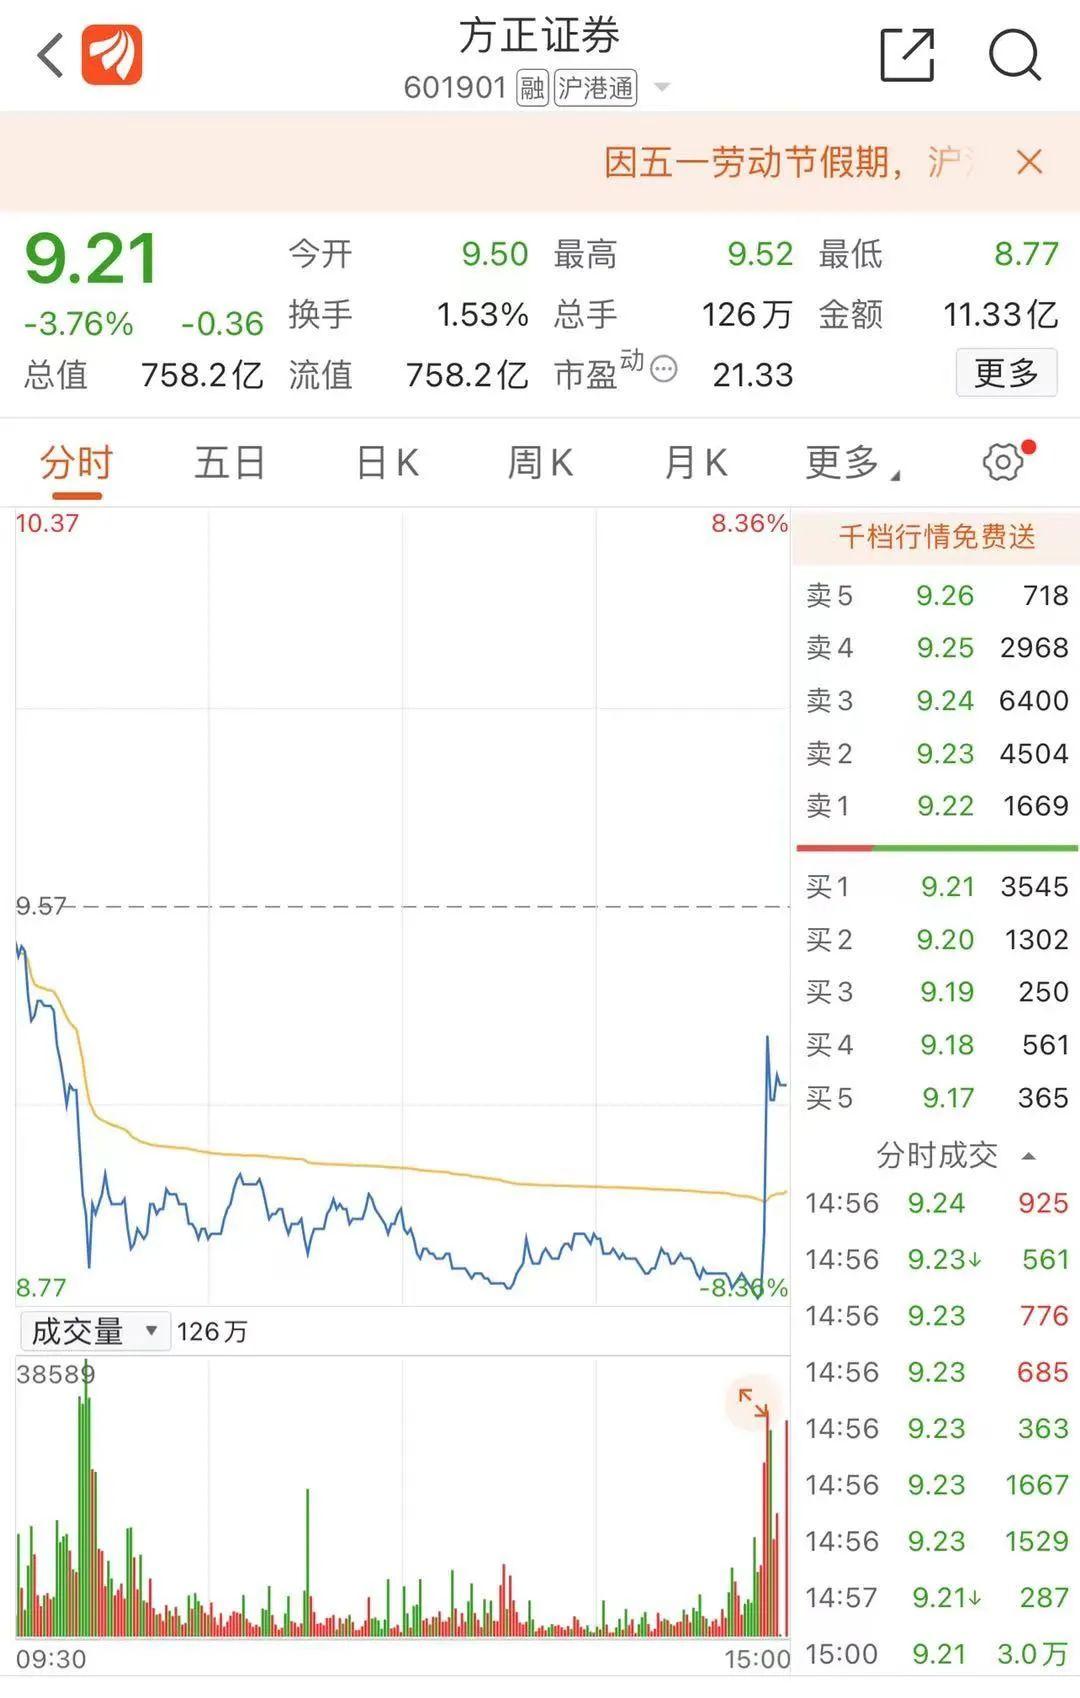 实锤!中国平安砸370亿元参与方正集团重整 这些股票要飞了?